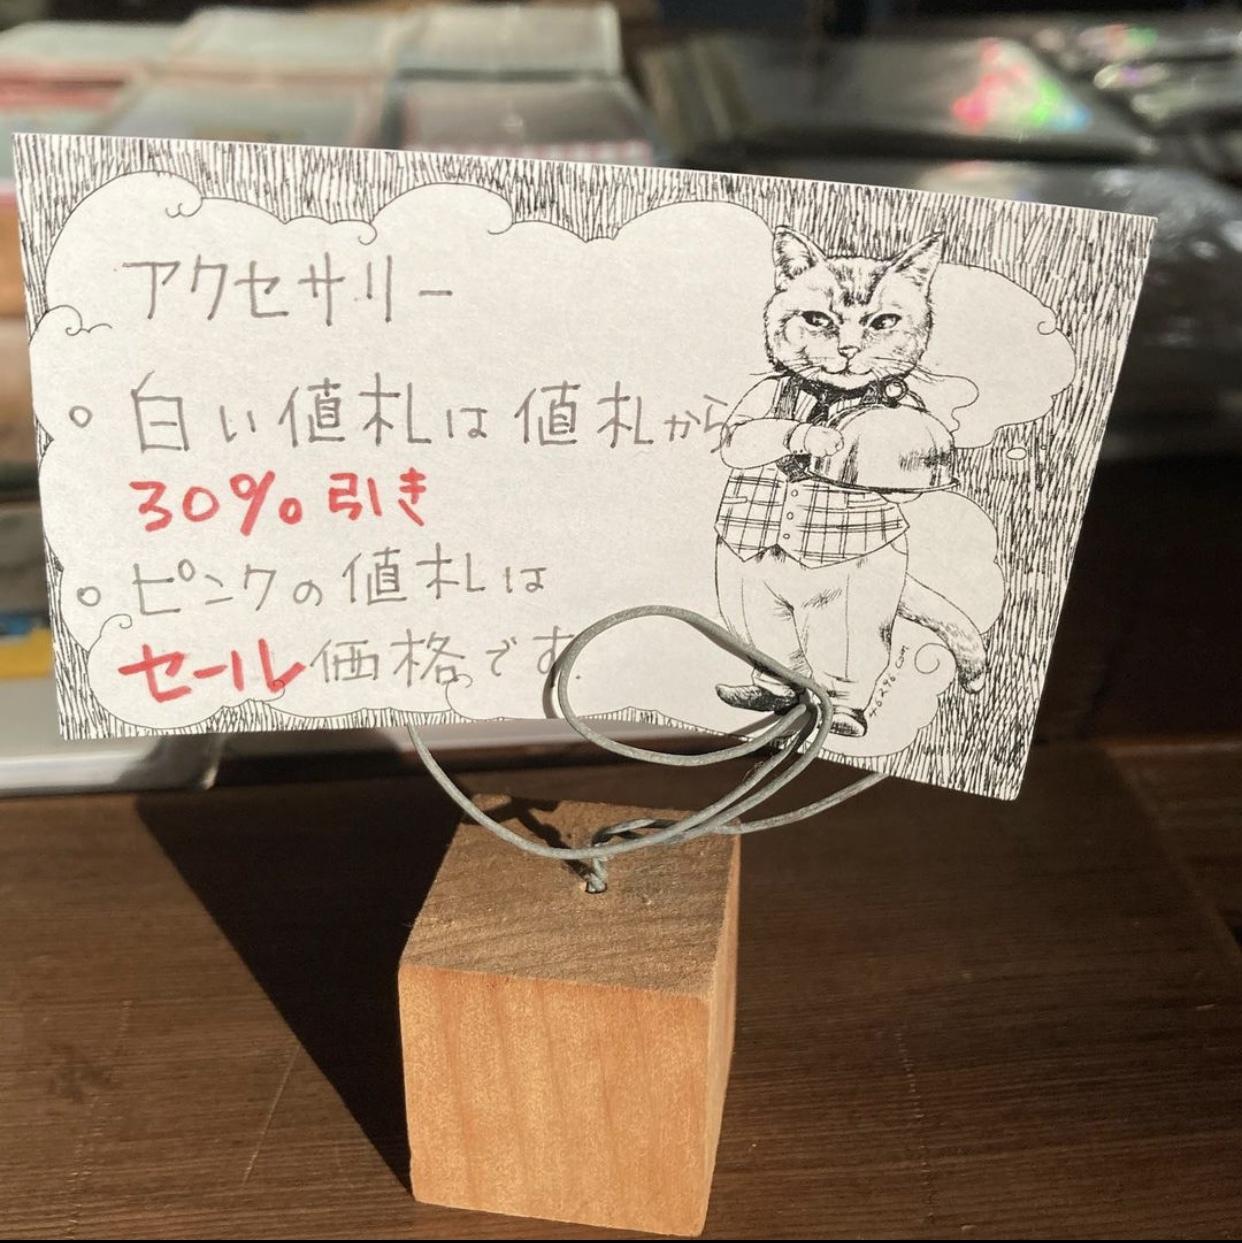 東高円寺のカフェ・バードバス さんにセール価格納品✨_a0137727_22454777.jpeg